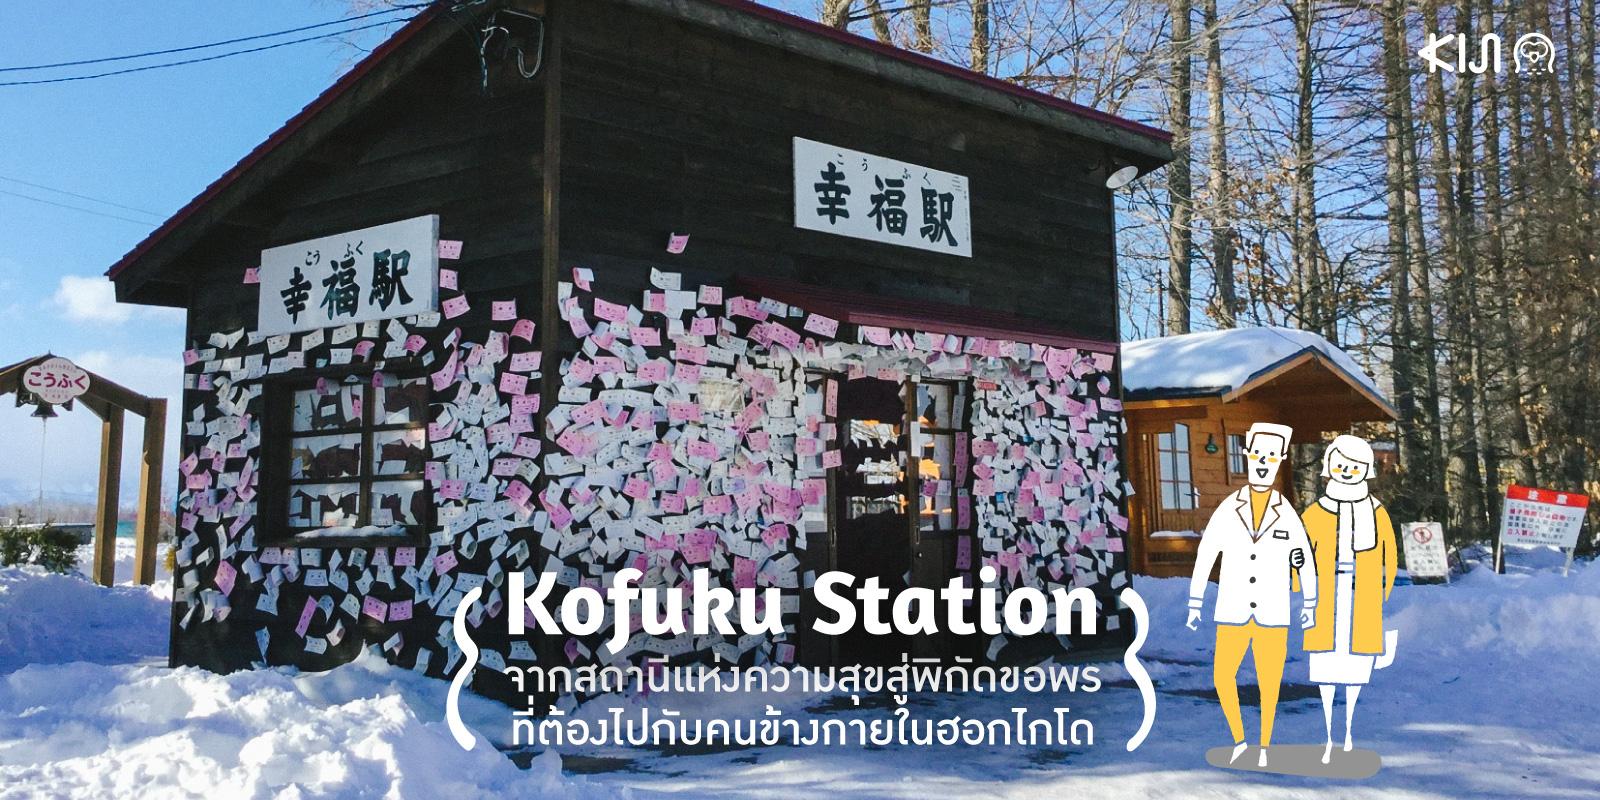 Kofuku Station ที่เที่ยวห้ามพลาดใน ฮอกไกโด (Hokkaido)